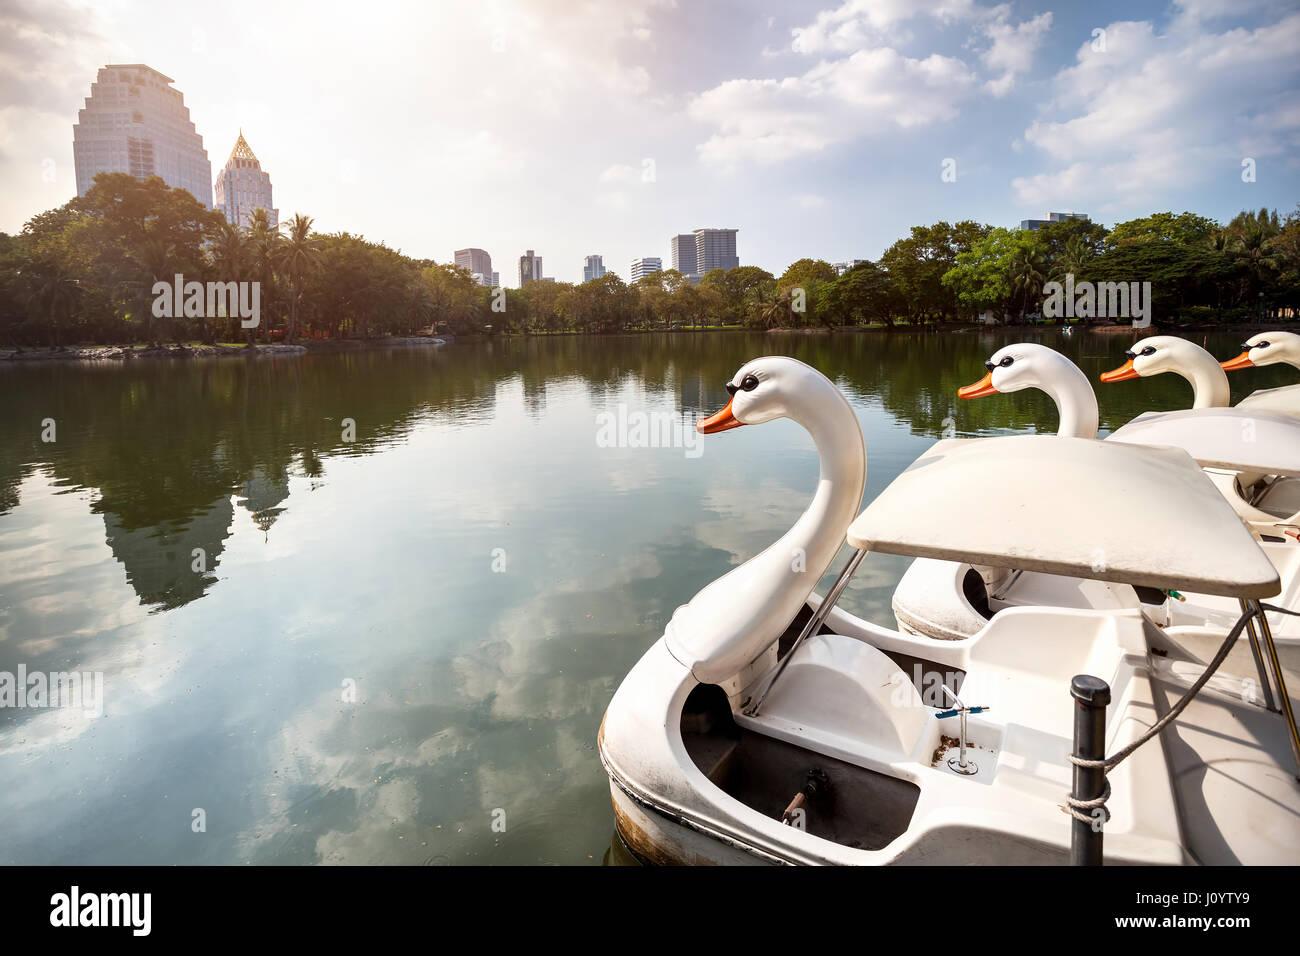 Il lago e la barca a forma di cigno bianco nel Centro Parco Lumpini di Bangkok, Thailandia Immagini Stock